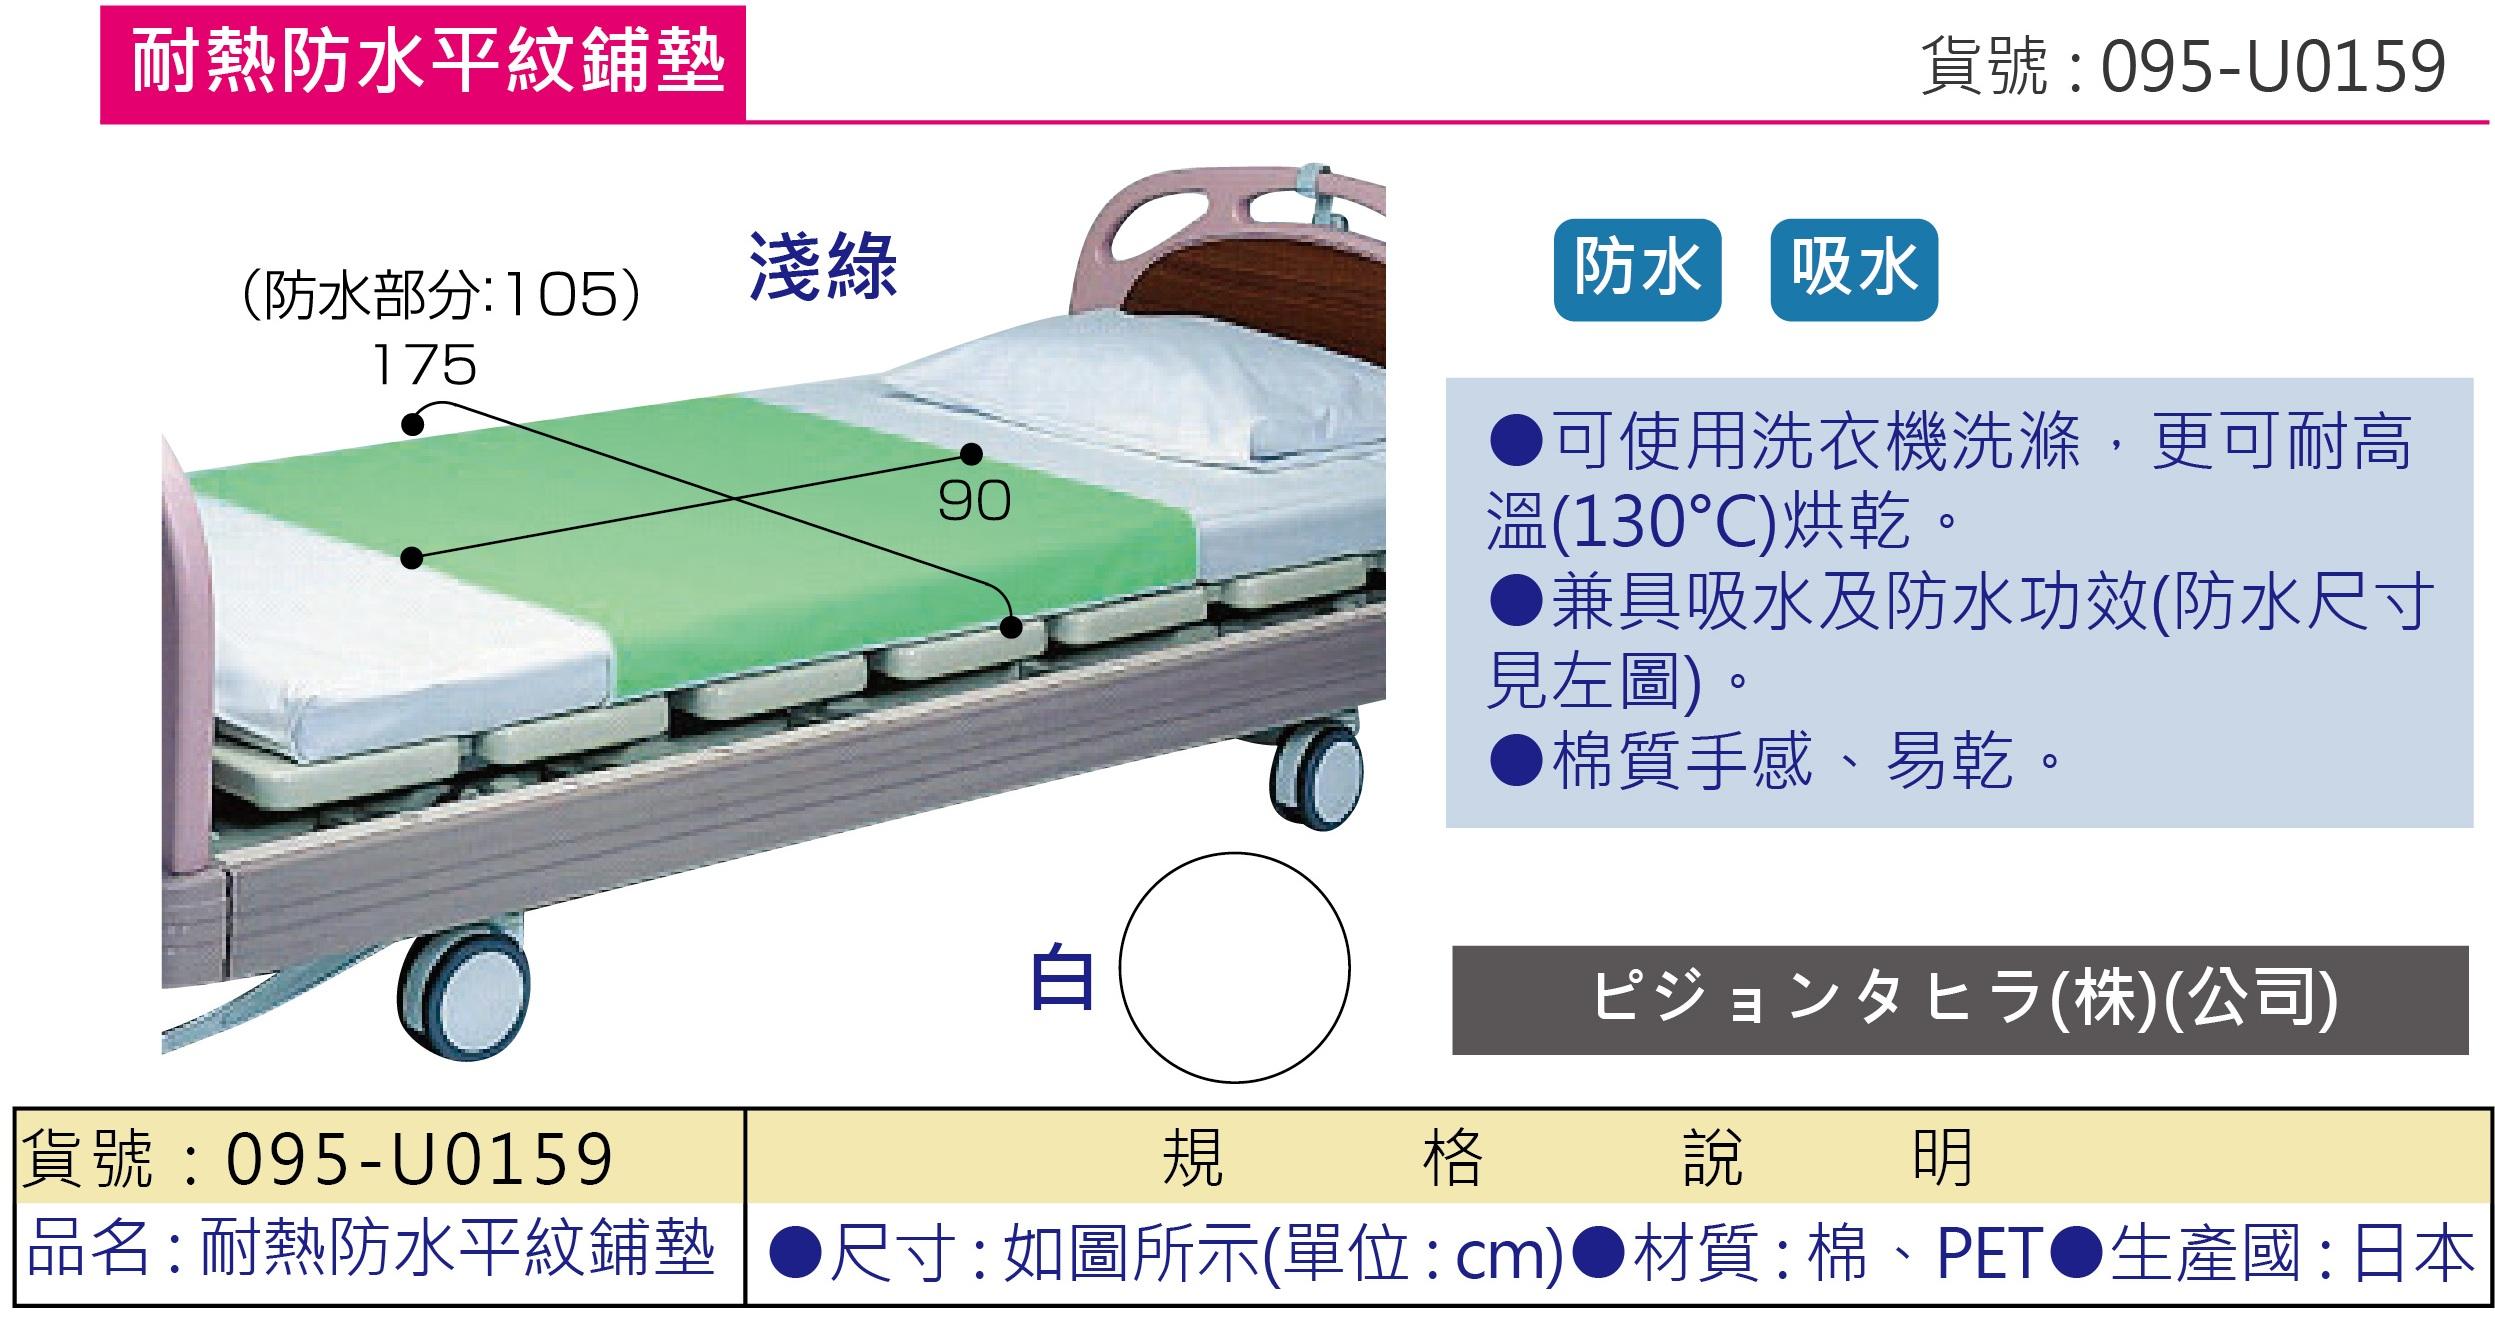 保潔墊:床墊 防水、吸水、耐熱,可洗衣機洗、烘乾,易乾型